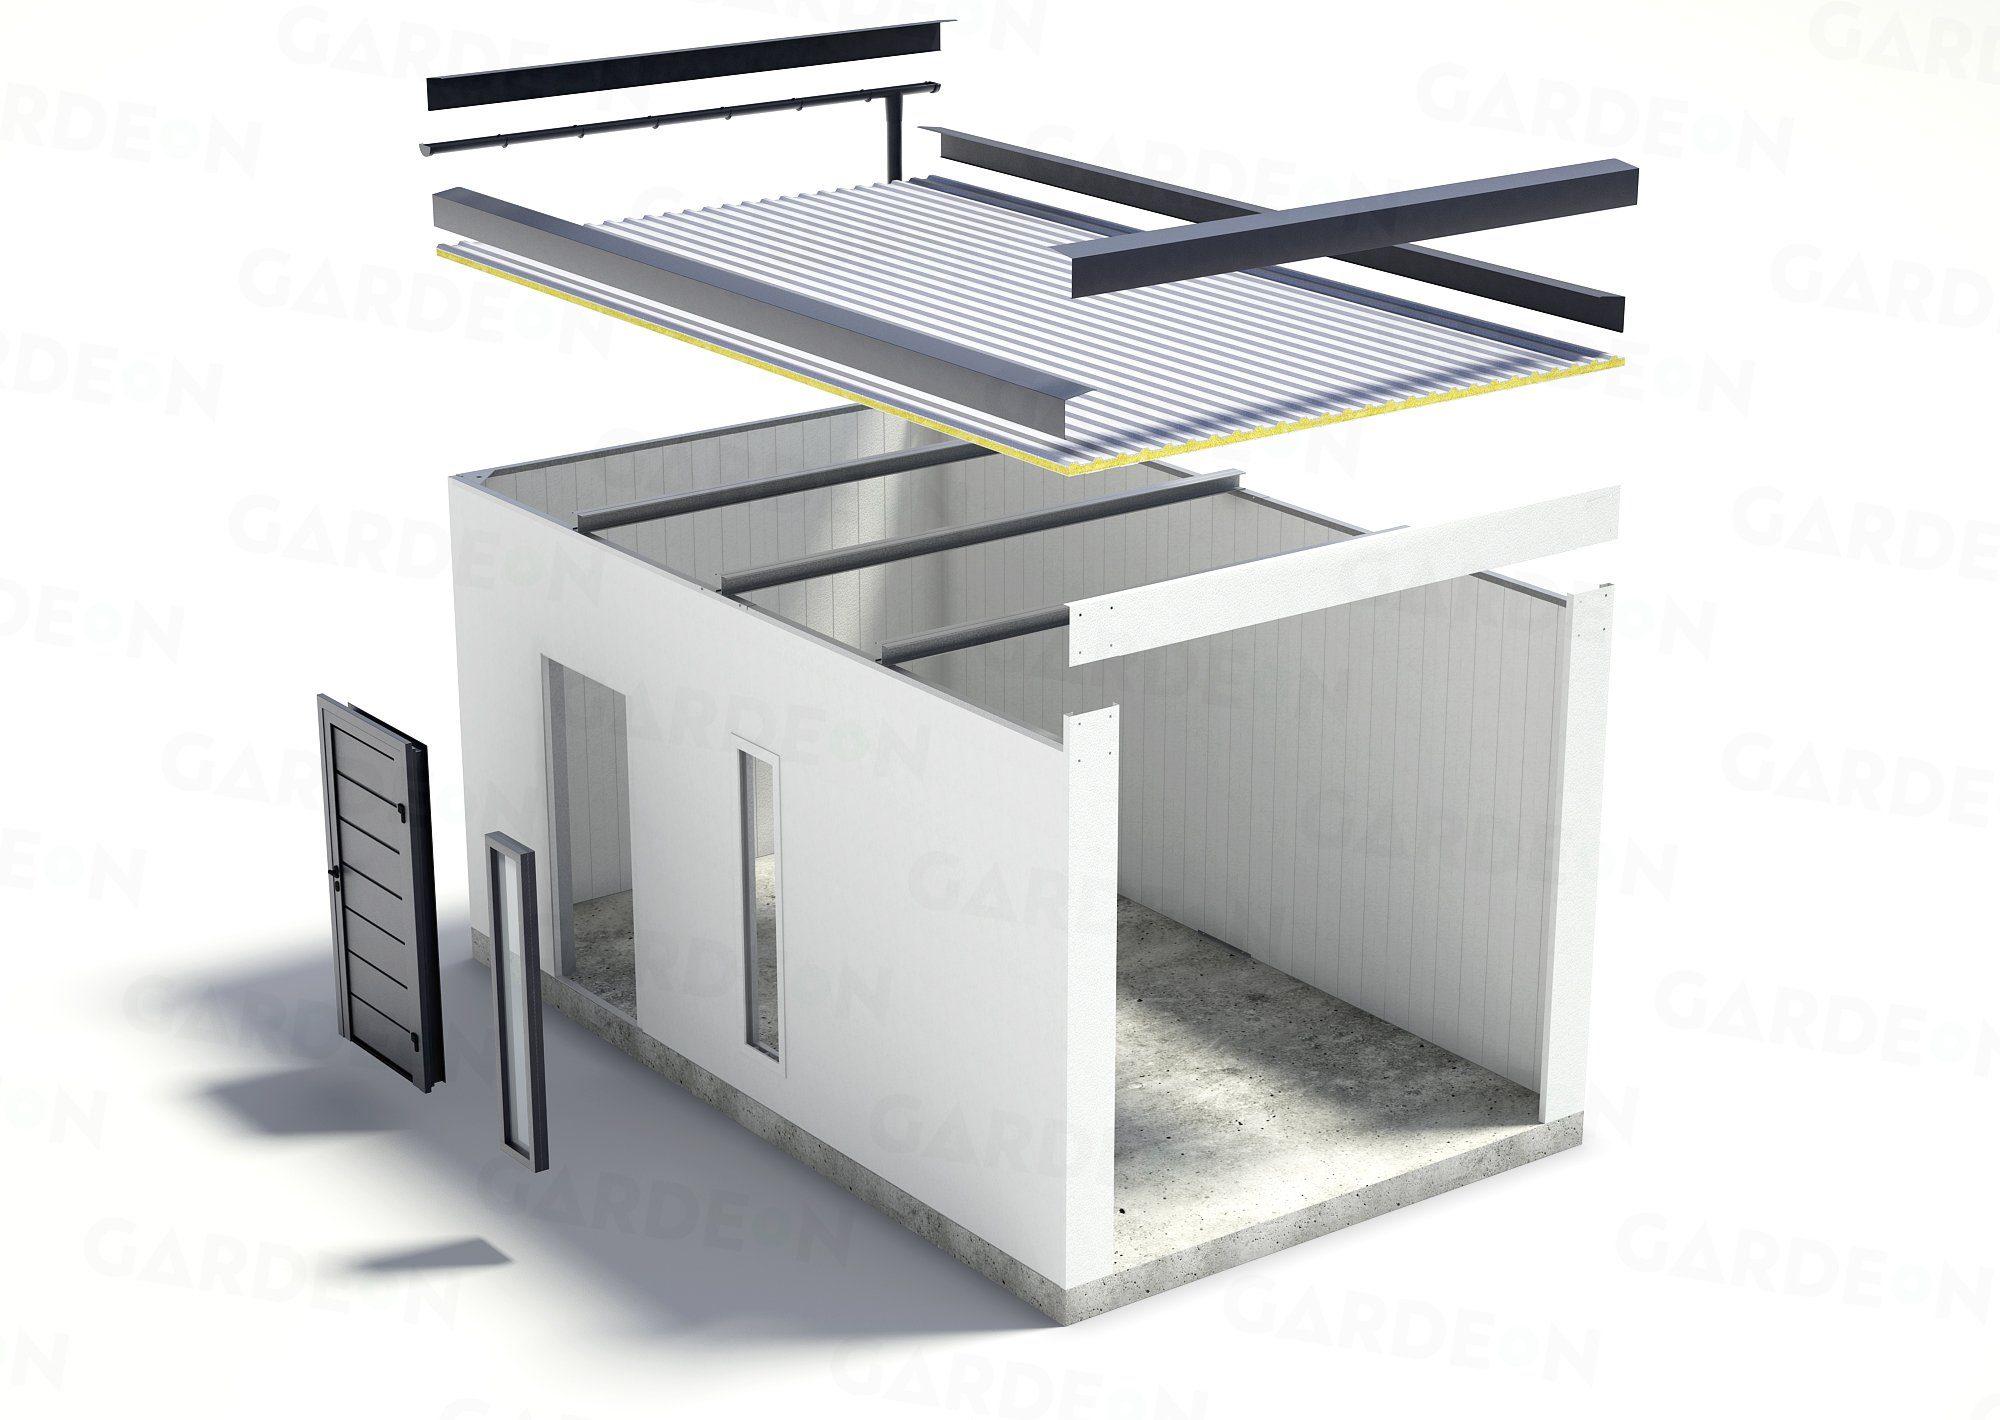 Visualisierung einer gedämmten 1-Auto-Garage